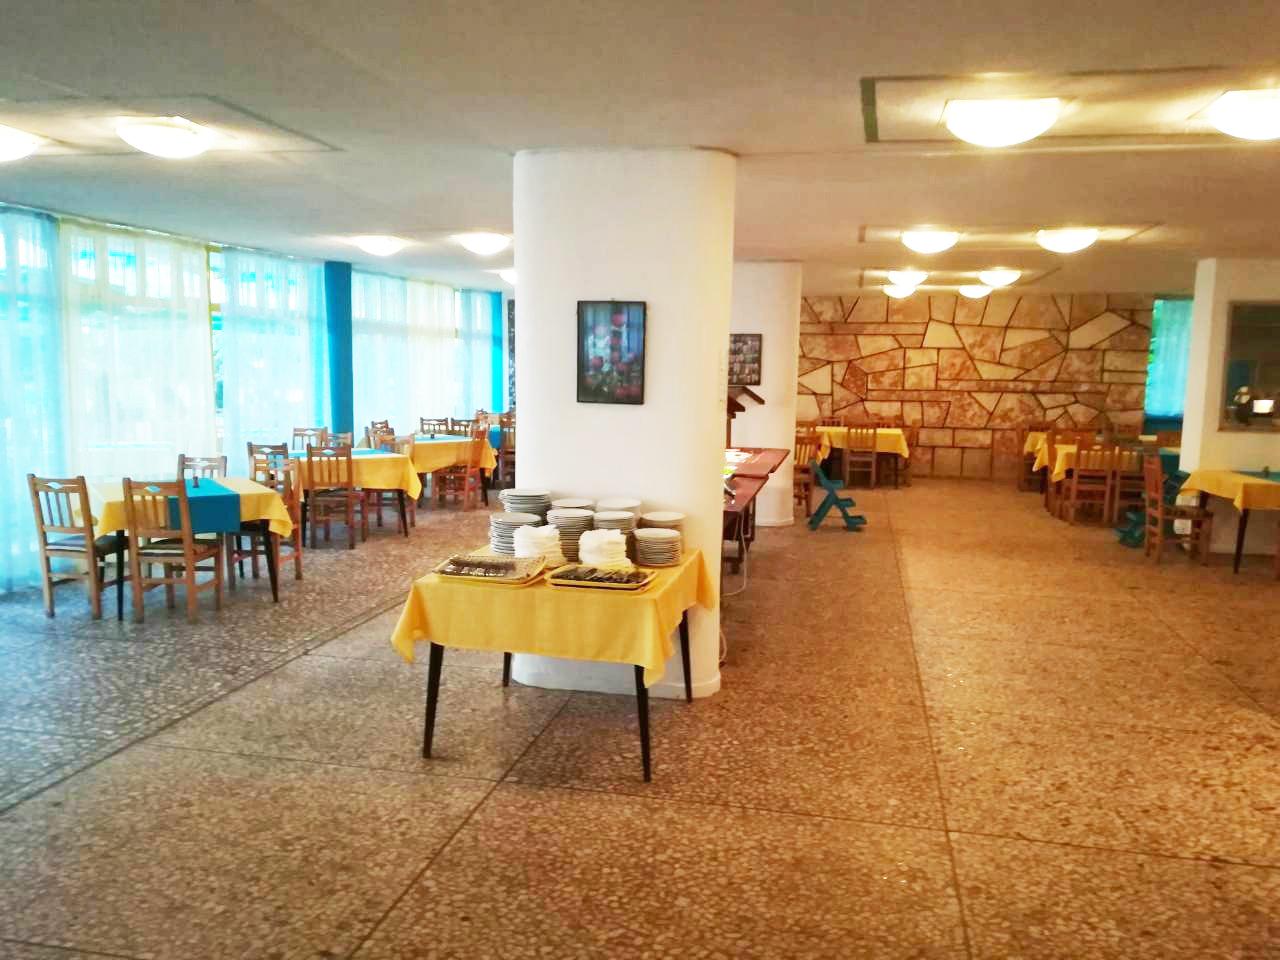 Великден и Гергьовден в Златни Пясъци на ШОК ЦЕНА. All Inclusive само за 24 лв. в хотел Диана. Дете до 12 г. БЕЗПЛАТНО!!!, снимка 11